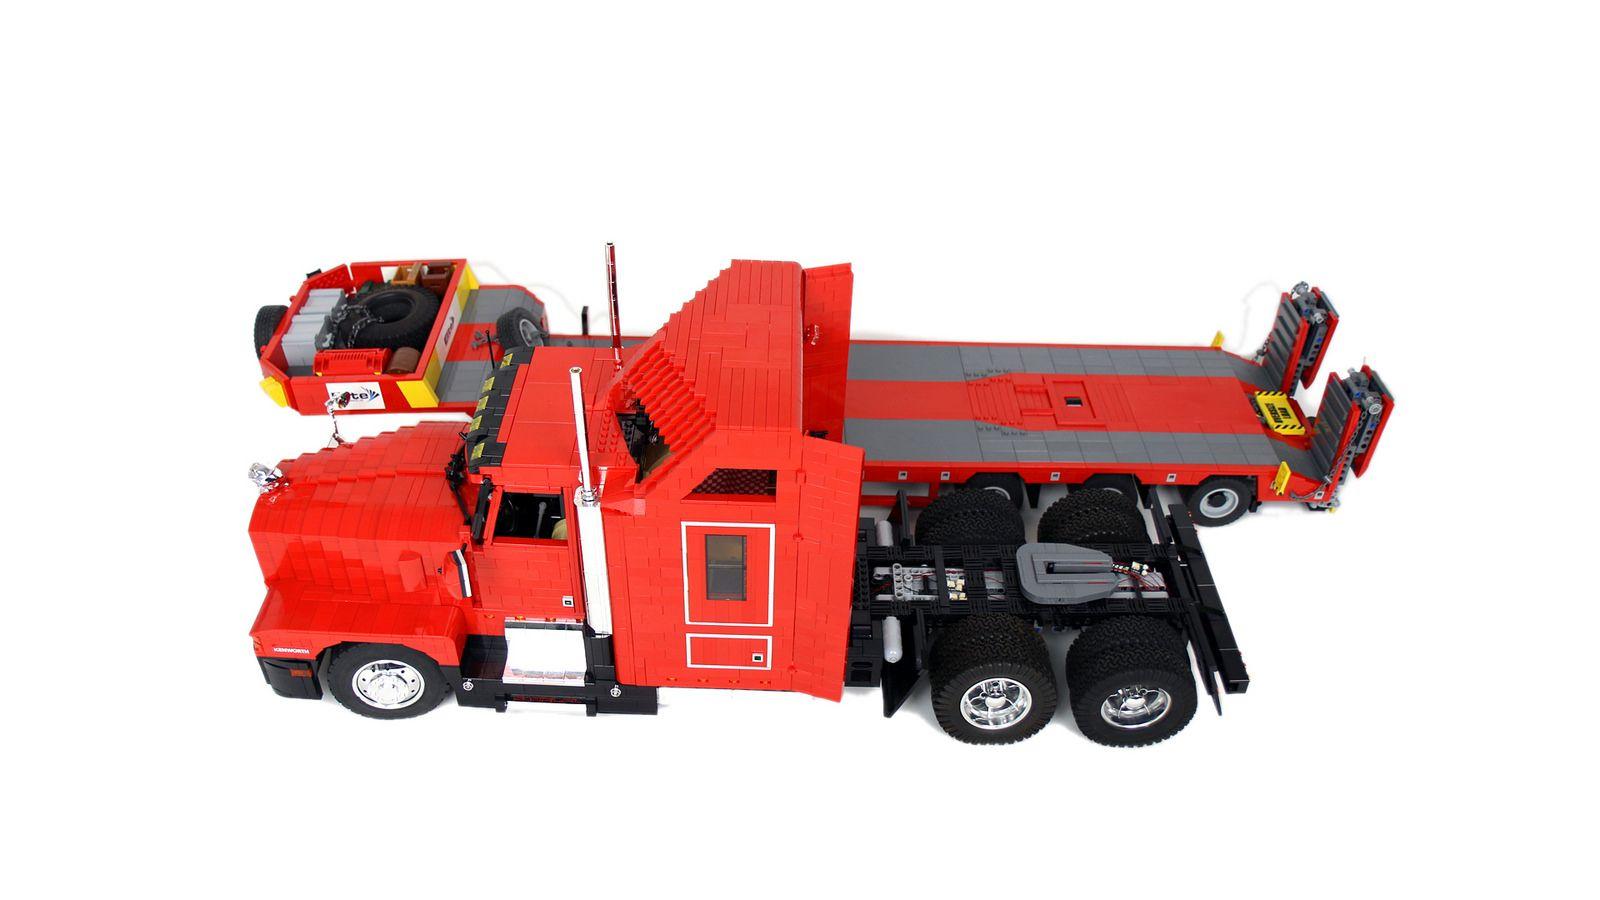 Kenworth T600 | Lego truck, Lego, Trucks